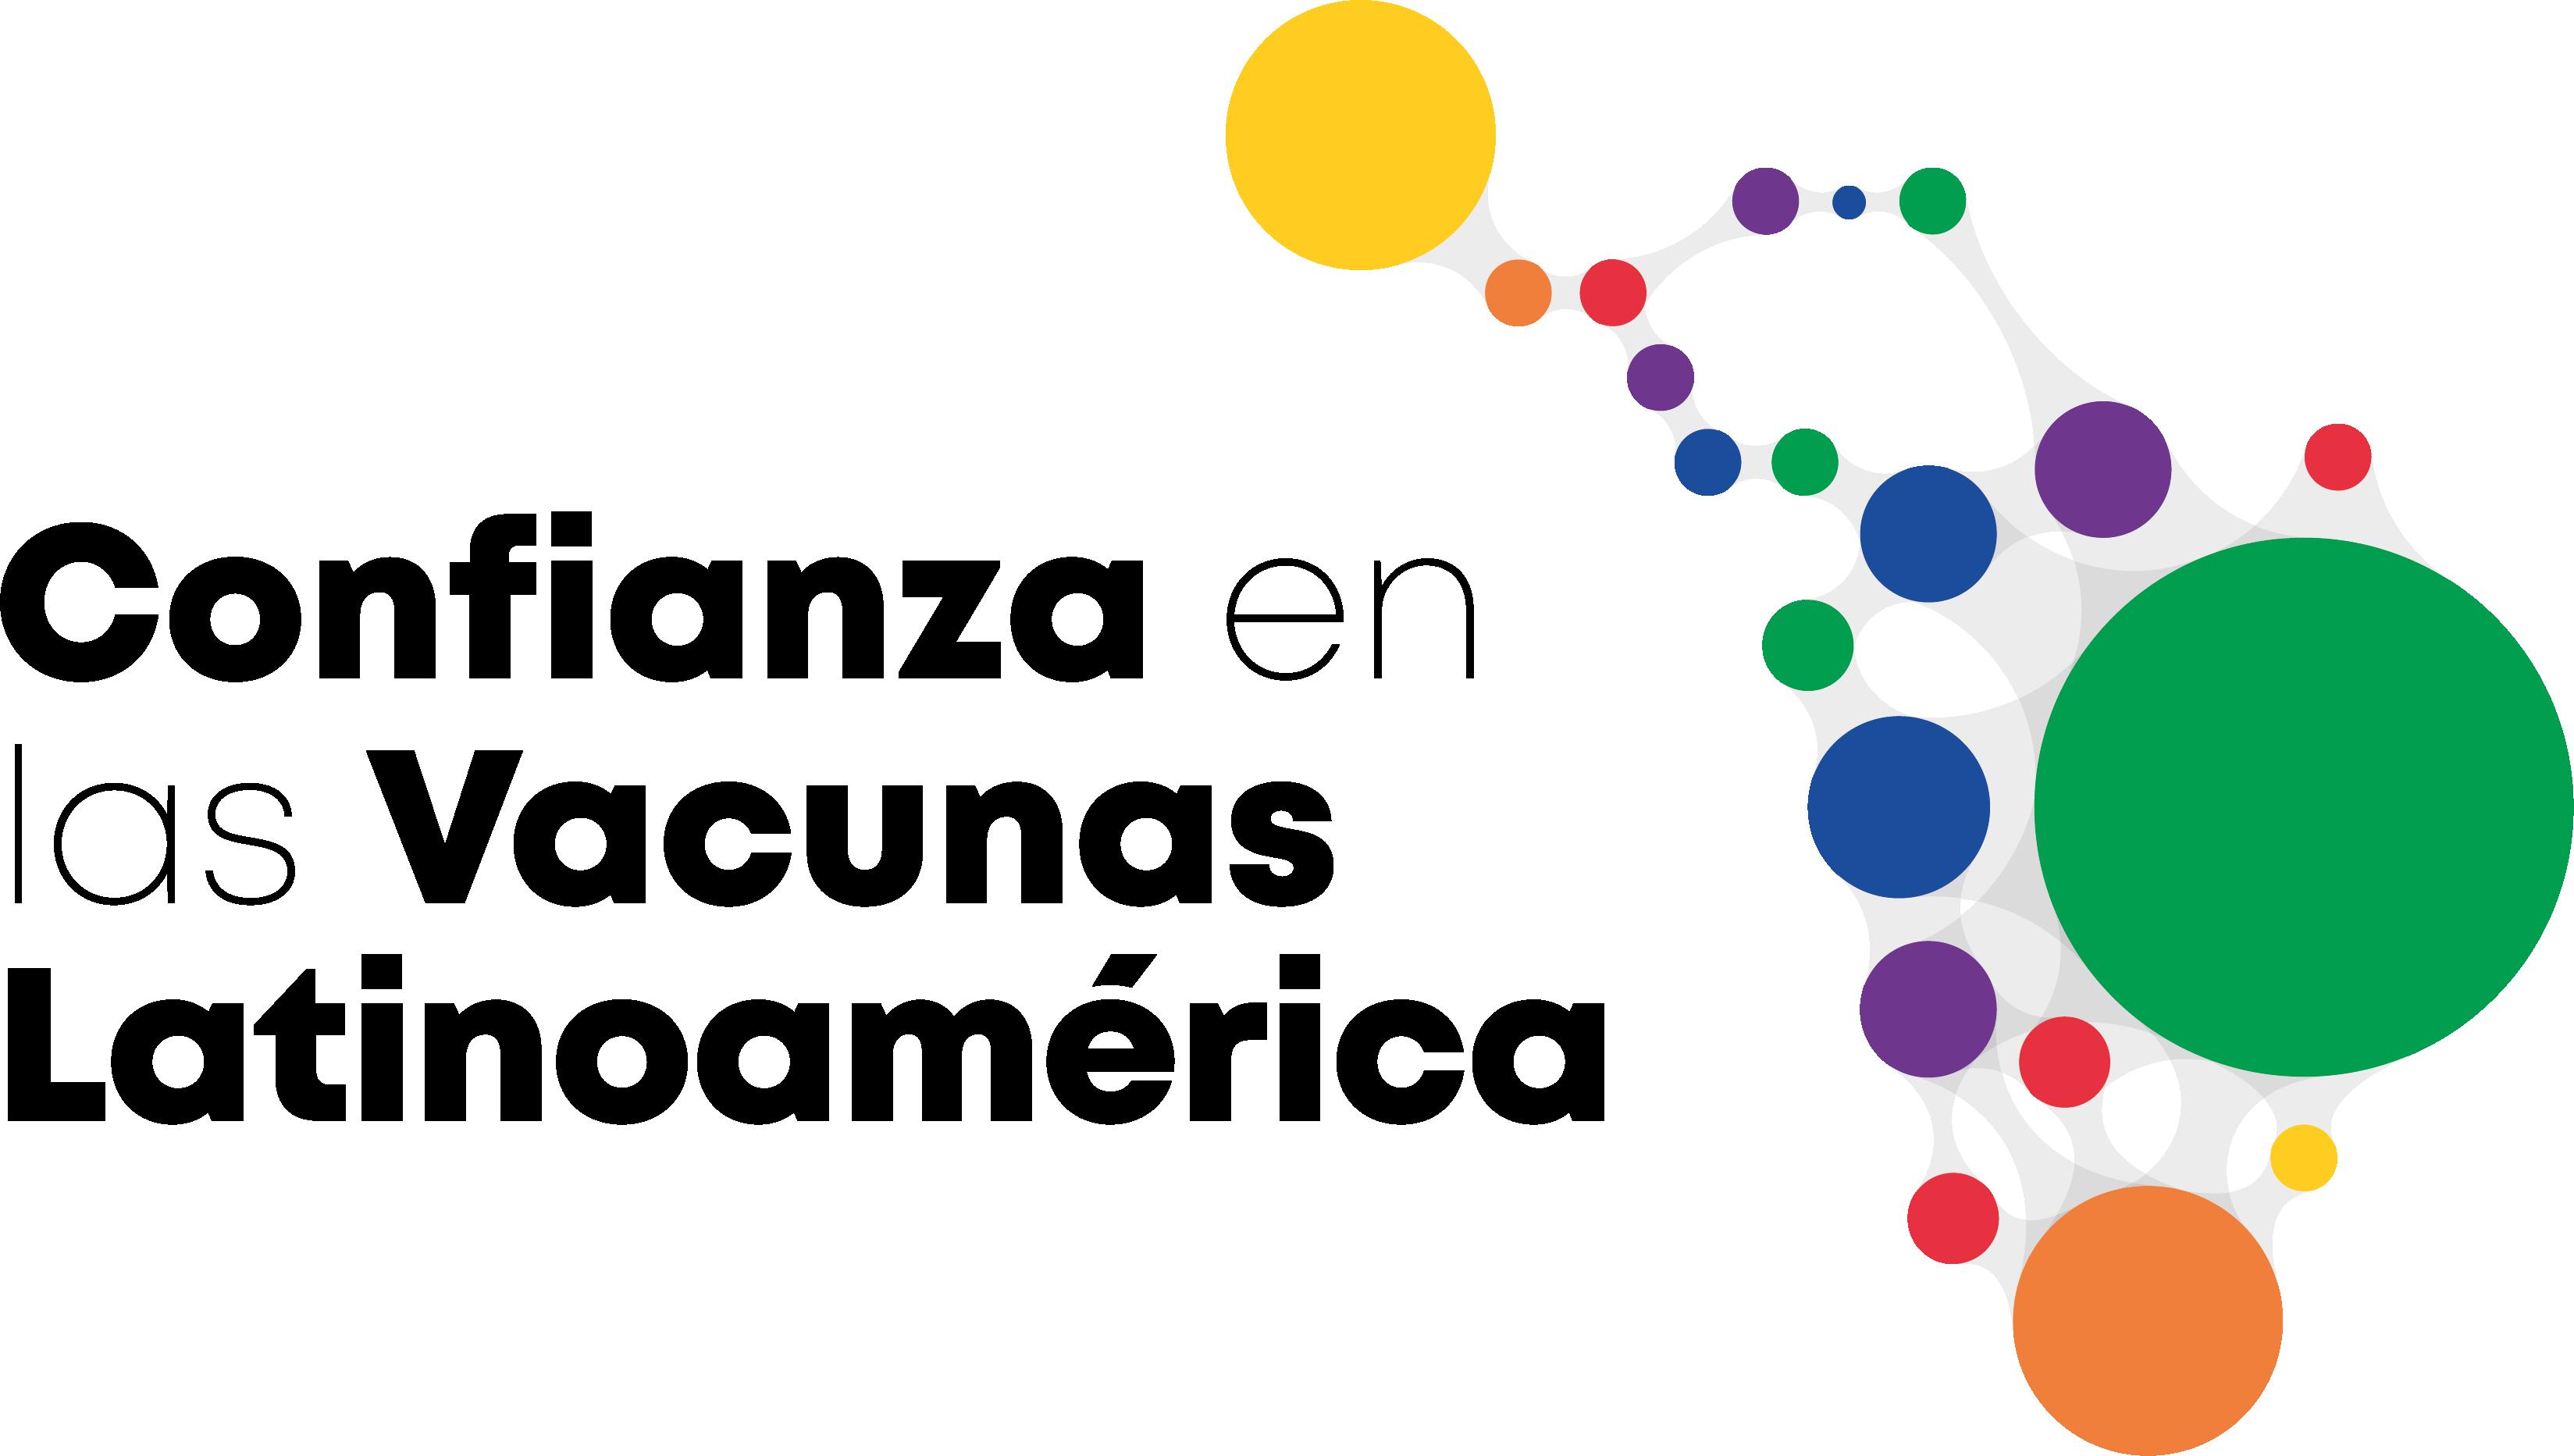 Confianza en las Vacunas Latinoamérica